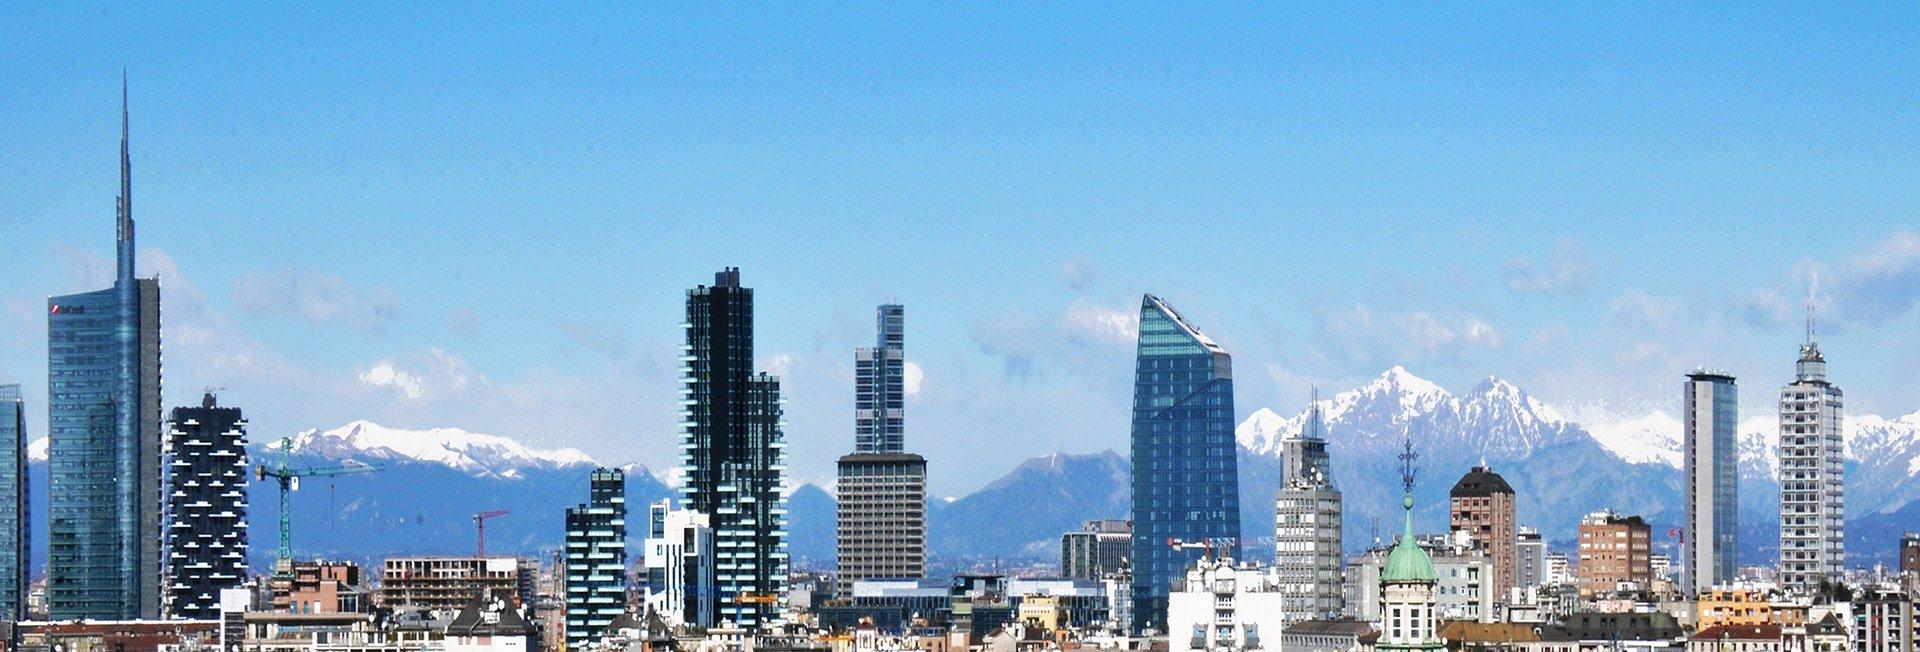 grattacieli di fronte a montagne innevate